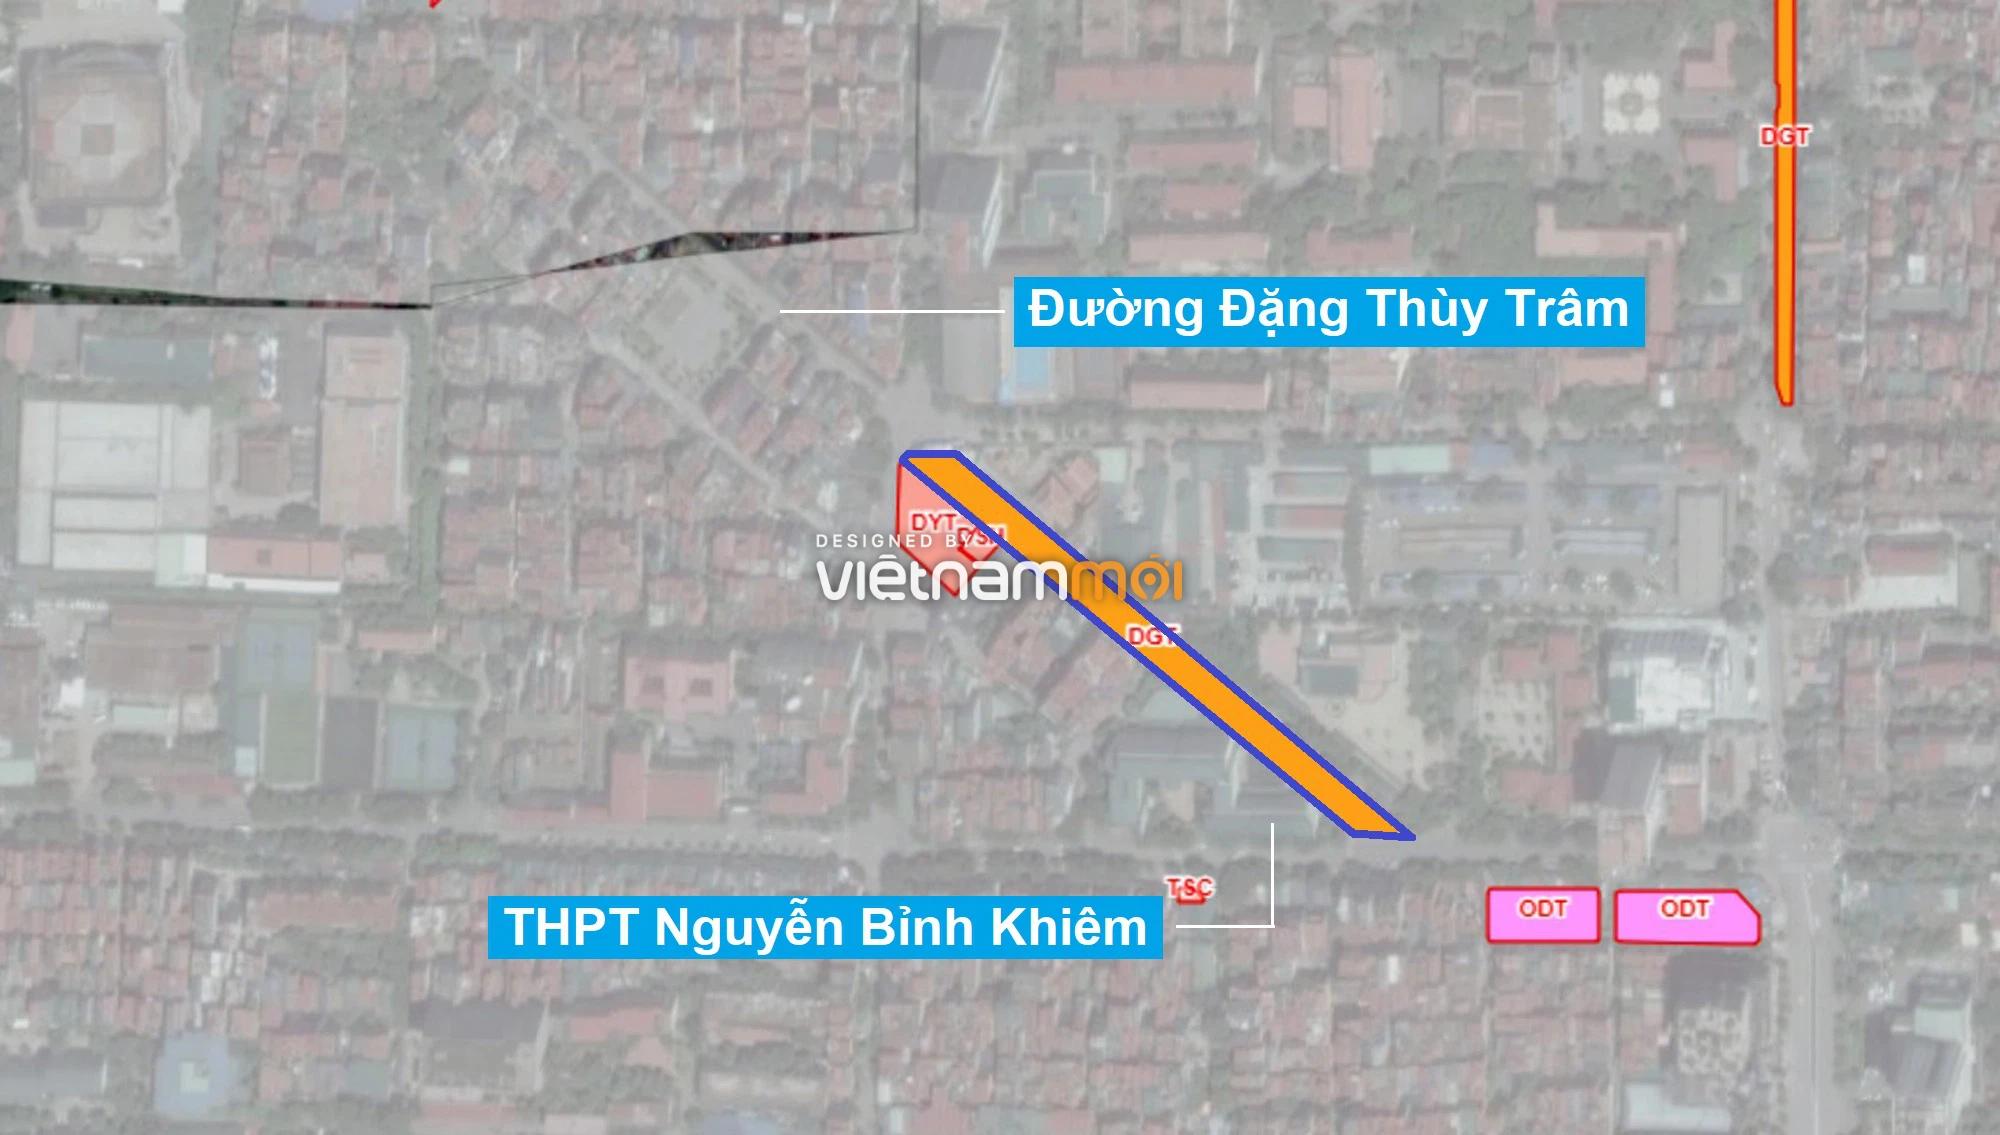 Những khu đất sắp thu hồi để mở đường ở quận Cầu Giấy, Hà Nội - Ảnh 1.